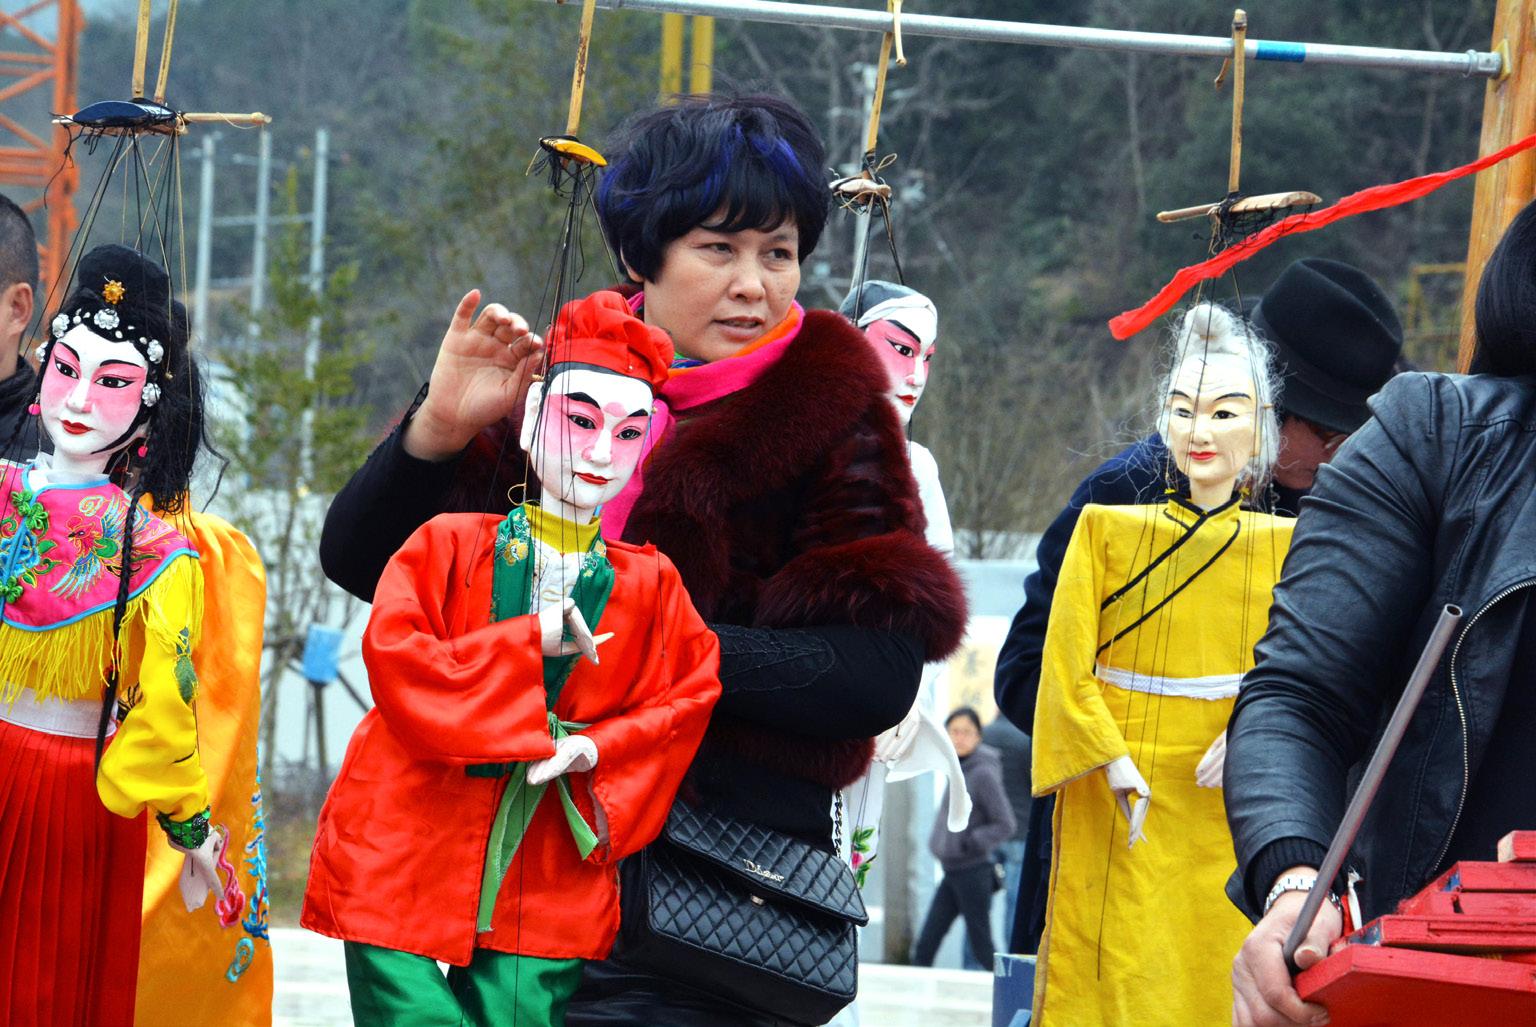 FIGURA 14. Momenti dell'allestimento di uno spettacolo di marionette a Wencheng Daxue in occasione dei festeggiamenti del capodanno cinese (foto: F. Serratore).